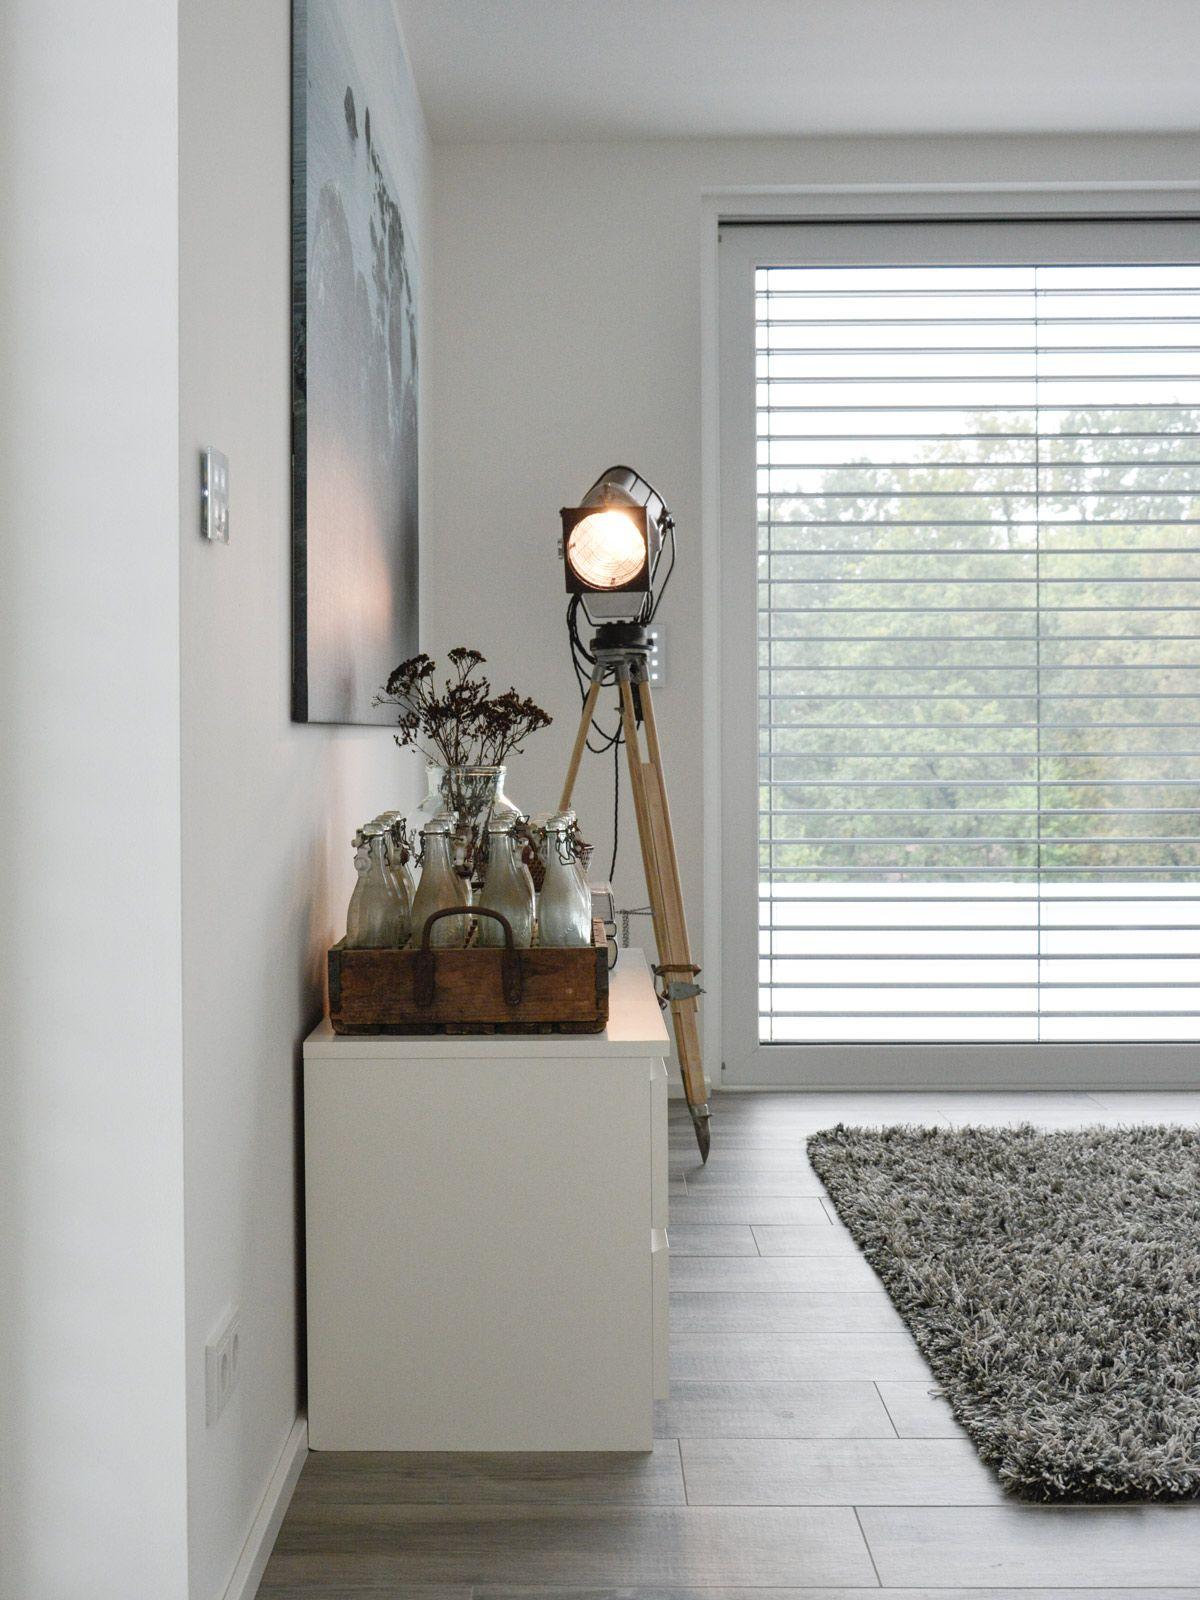 Industrial Deko industrial style deko bedroom inspiration dekoration